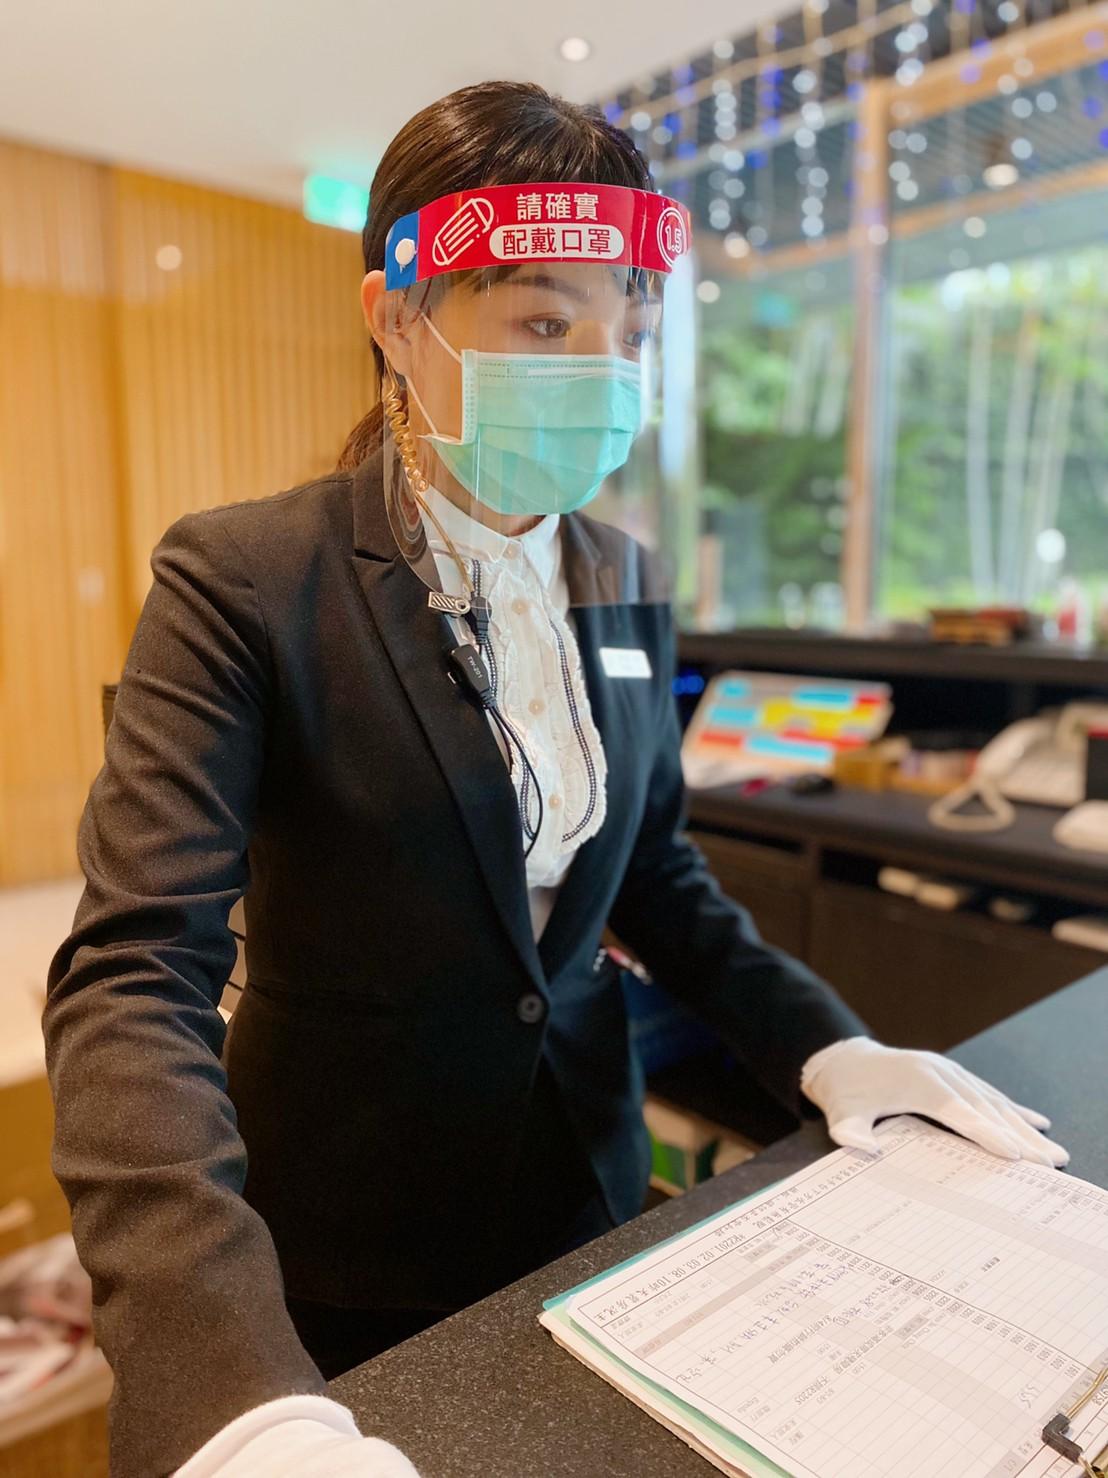 ▲ 工作人員皆配戴護目鏡及口罩。(圖/台中日月溫泉提供)